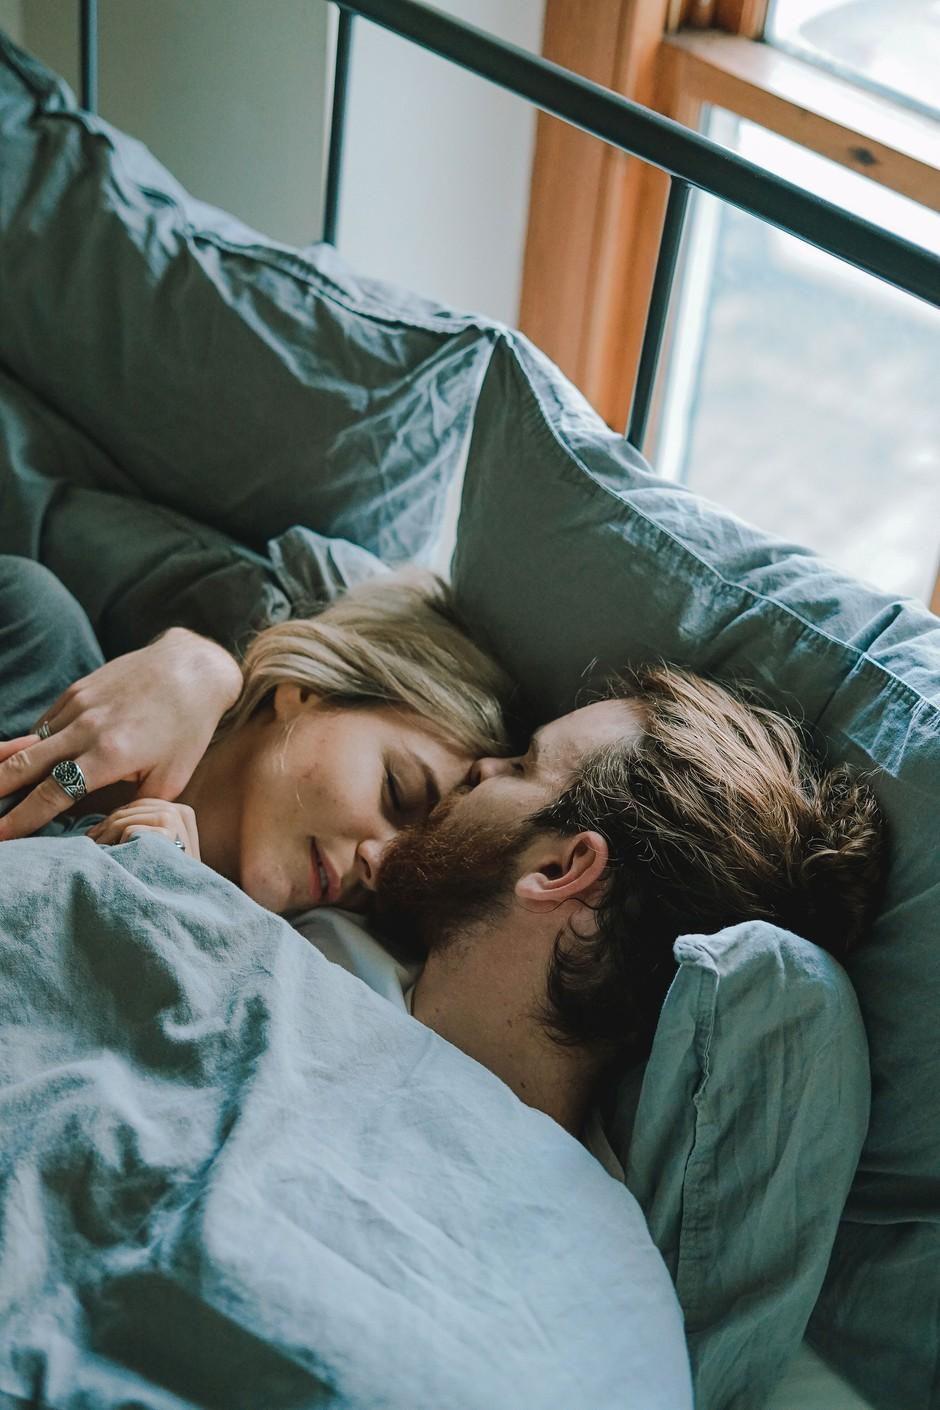 5 vprašanj, ki ti bodo razkrila, ali te vodi ljubezen ali zgolj poželenje (foto: Toa Heftiba | Unsplash)